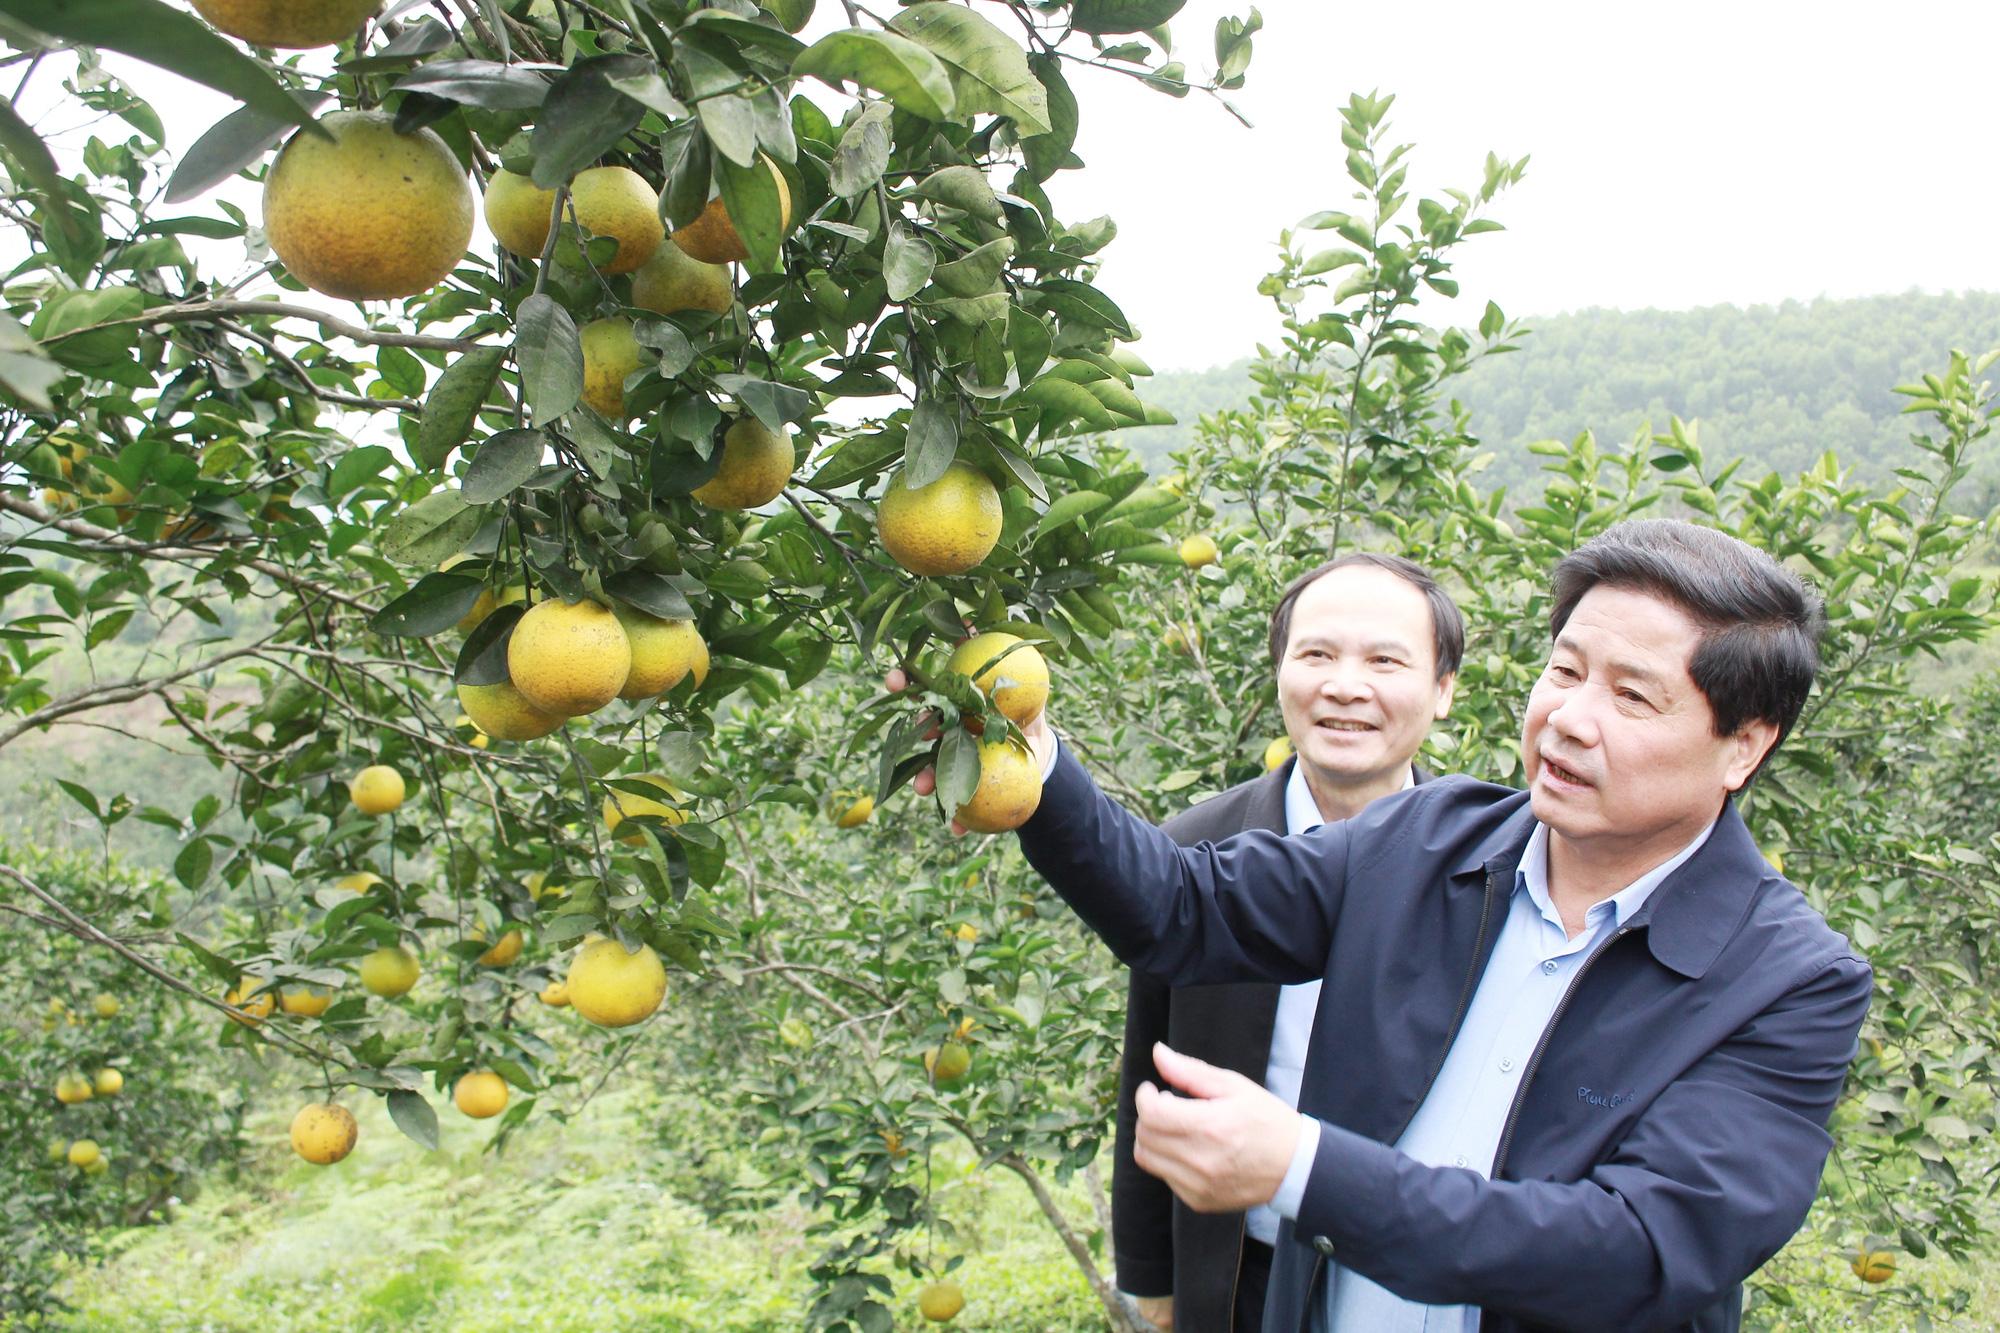 Tập trung khắc phục khó khăn, khôi phục sản xuất nông nghiệp sau thiên tai tại Hà Tĩnh và Quảng Bình - Ảnh 2.